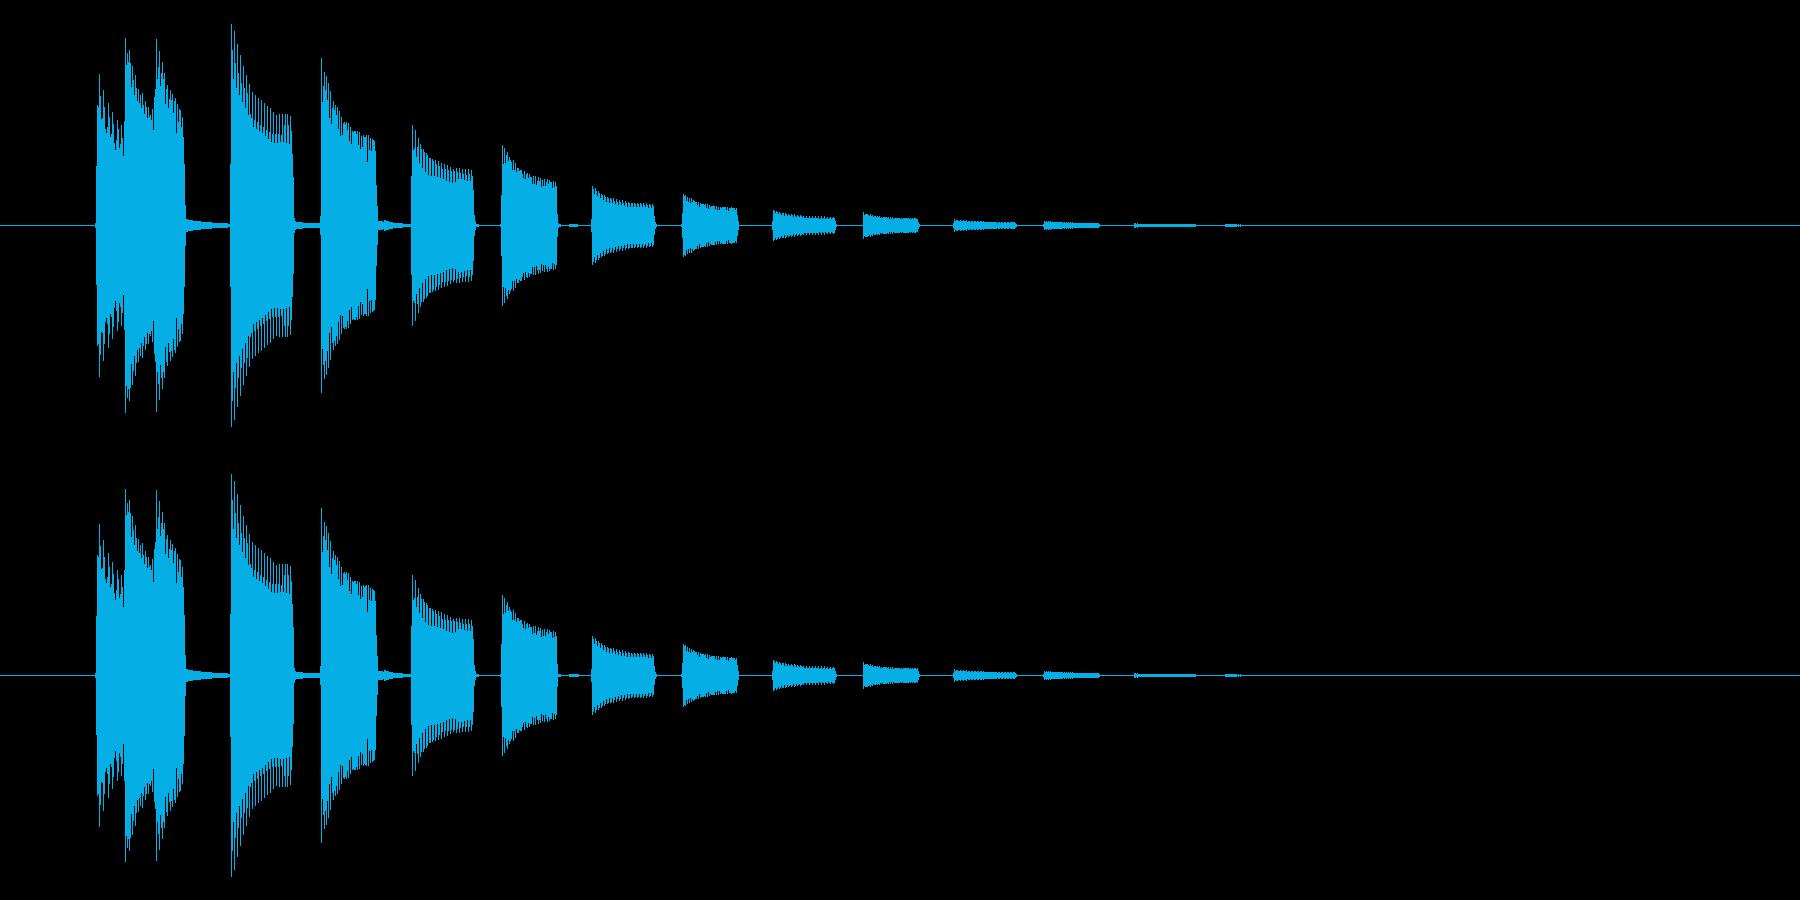 GEN-格闘01-14(選択)の再生済みの波形